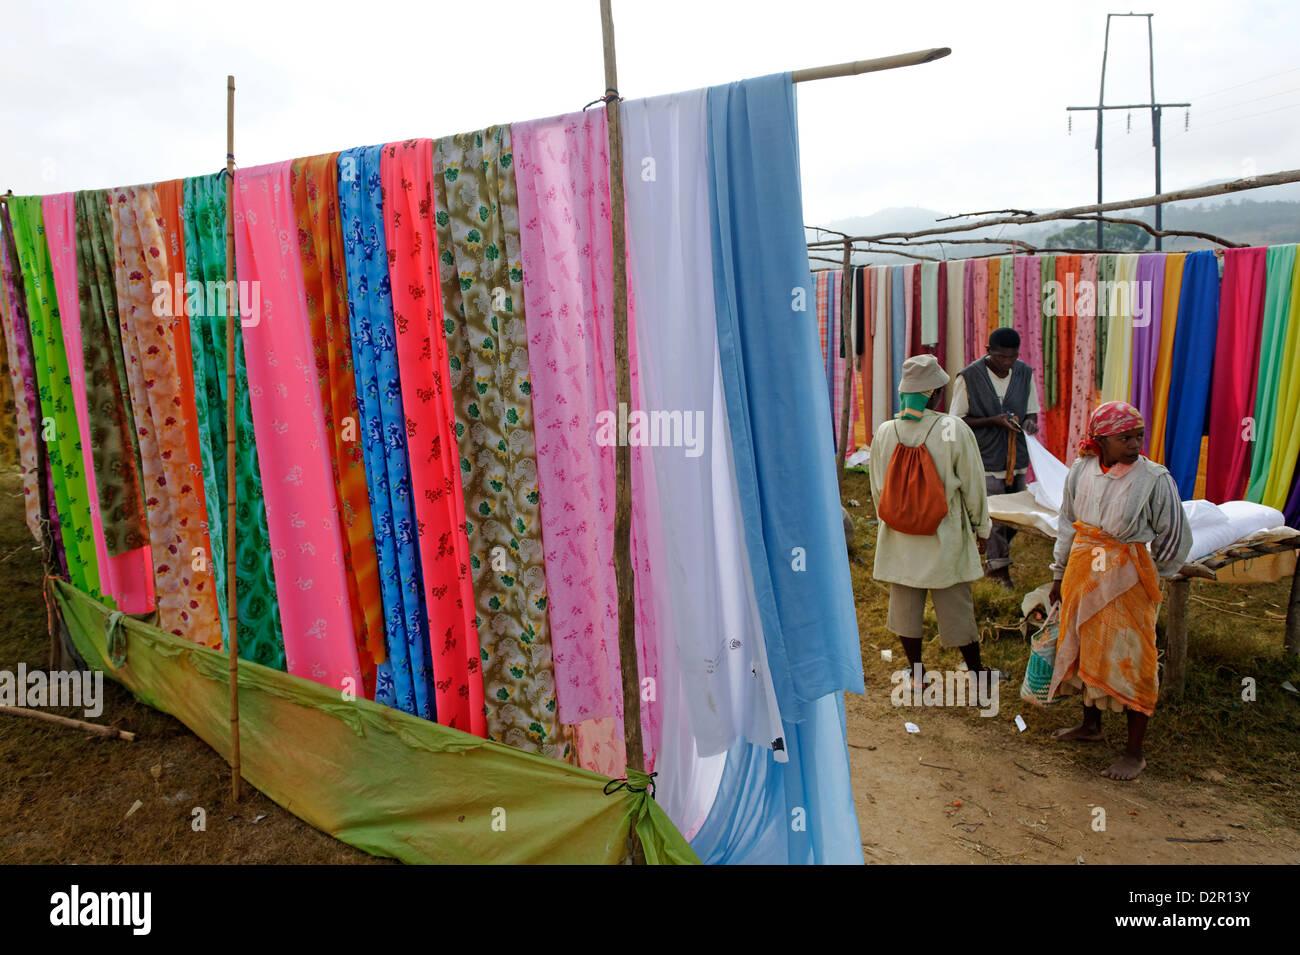 Friday market in the Betsileo country, around Fianarantsoa, Madagascar, Africa - Stock Image